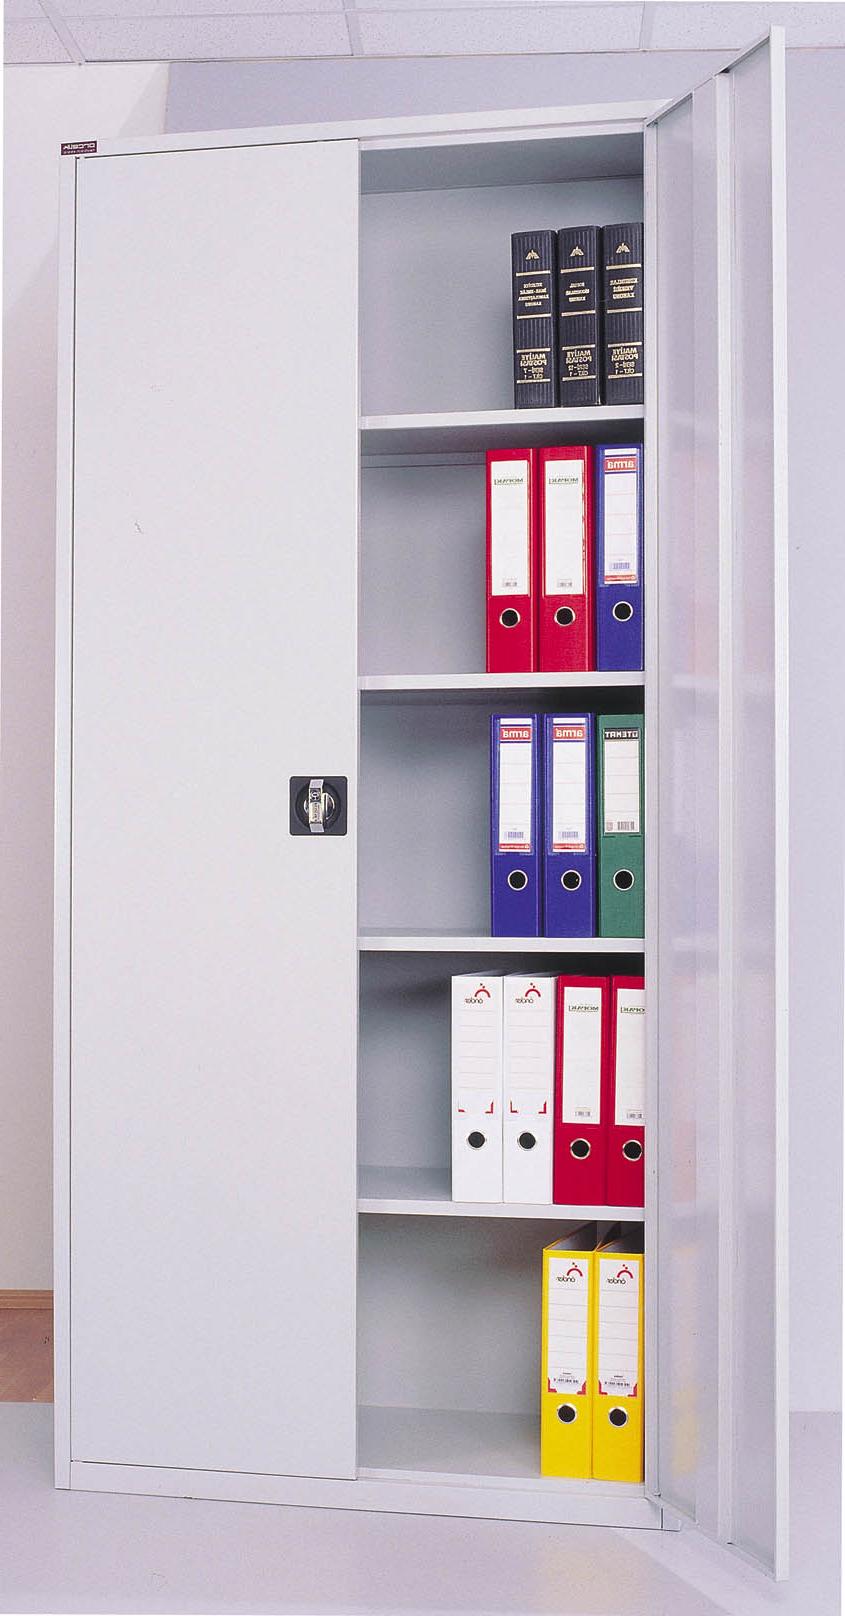 Archivadores Oficina Ffdn Muebles De Oficina Archivadores Muebles De Oficina Archivador